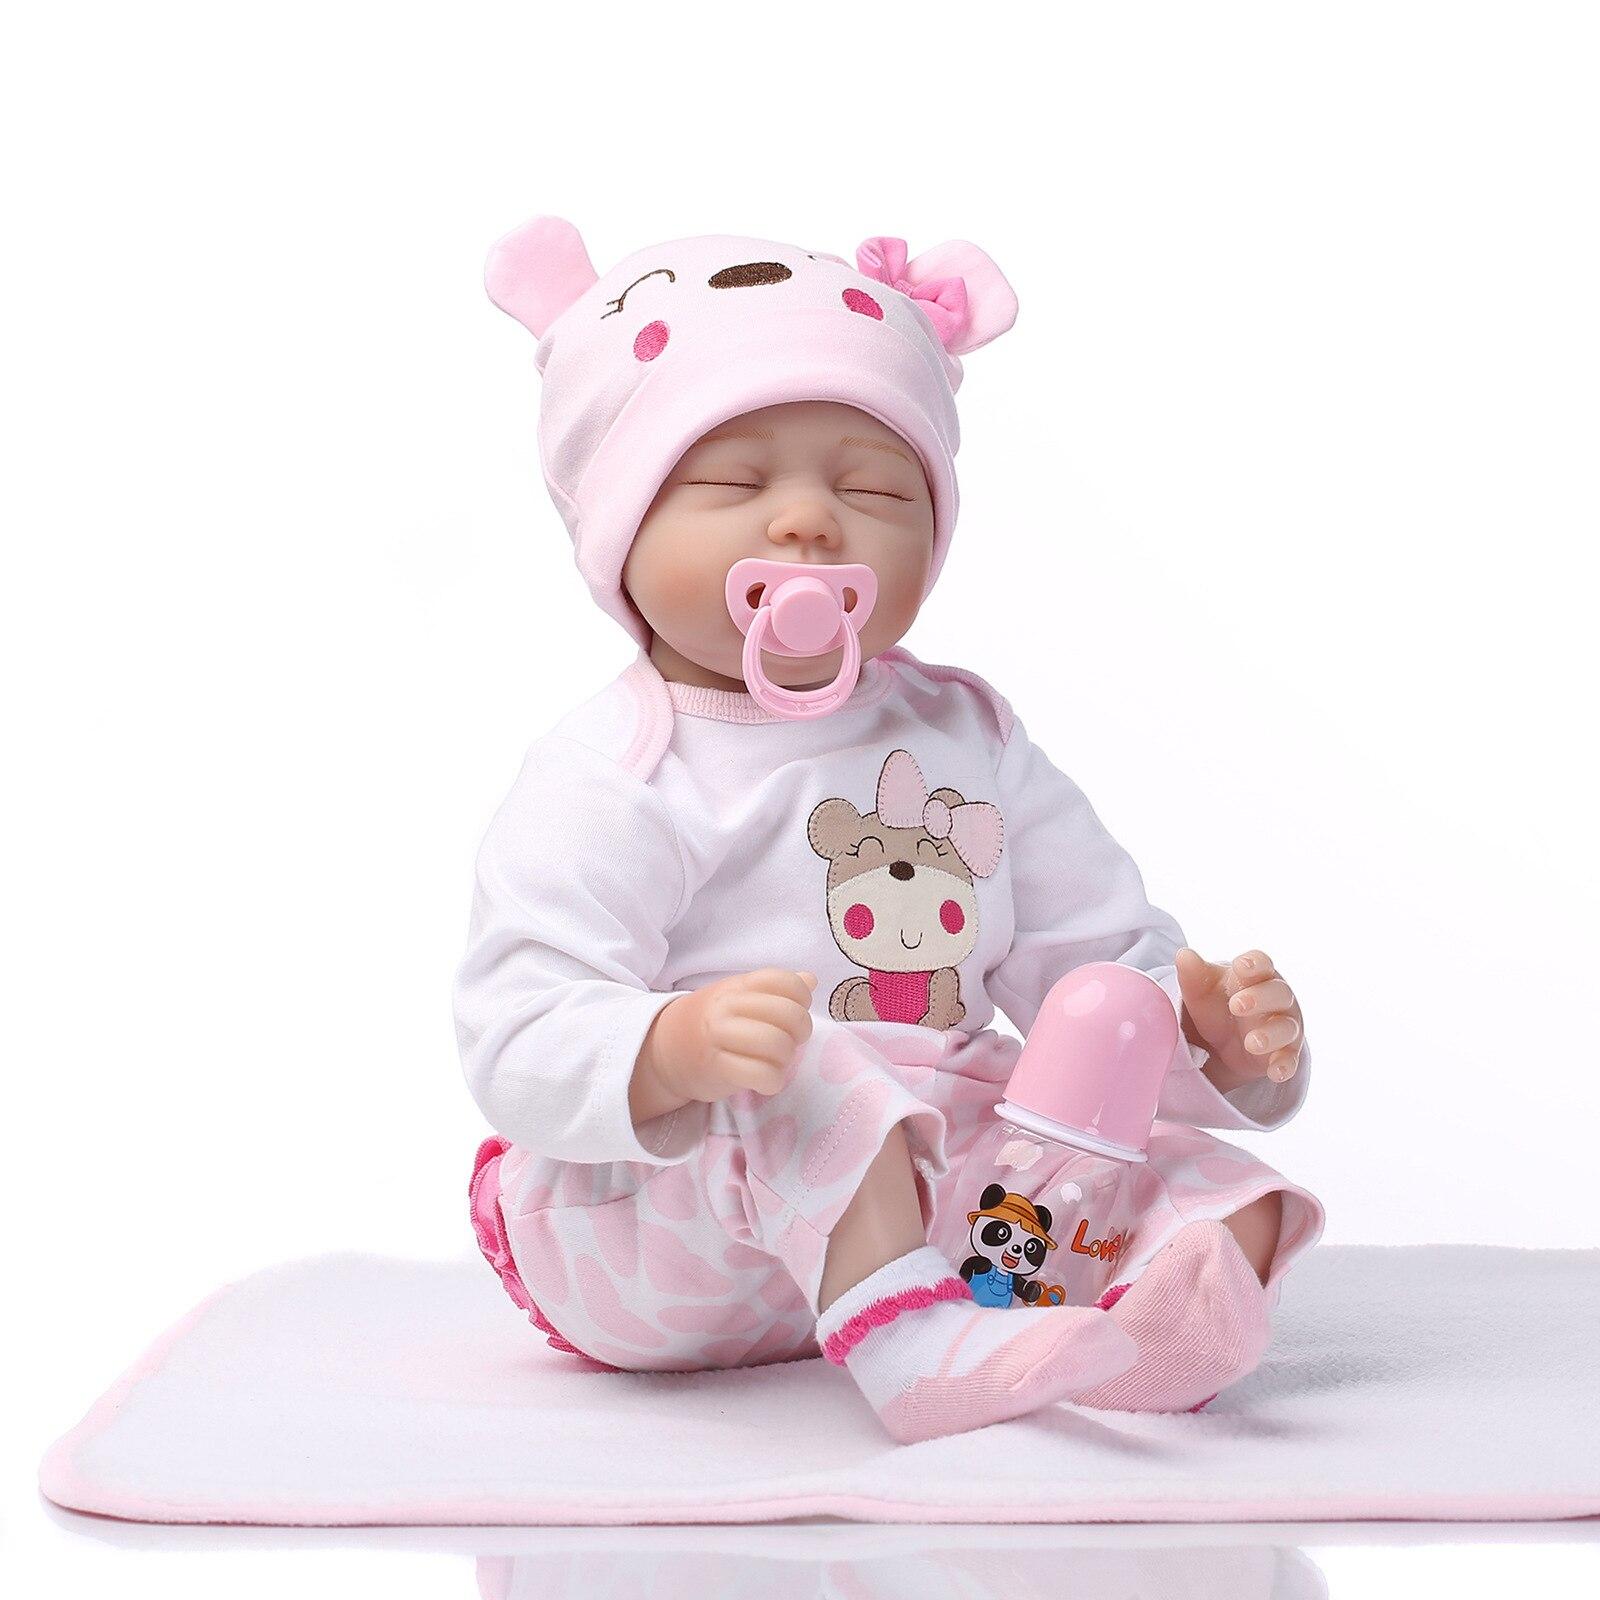 تولد من جديد دمية طفل محاكاة طفل لطيف دمية عيون مغلقة دمية المولود الجديد منتجات الأطفال دمى طفل واقعية تولد من جديد الأطفال ألعاب الأطفال